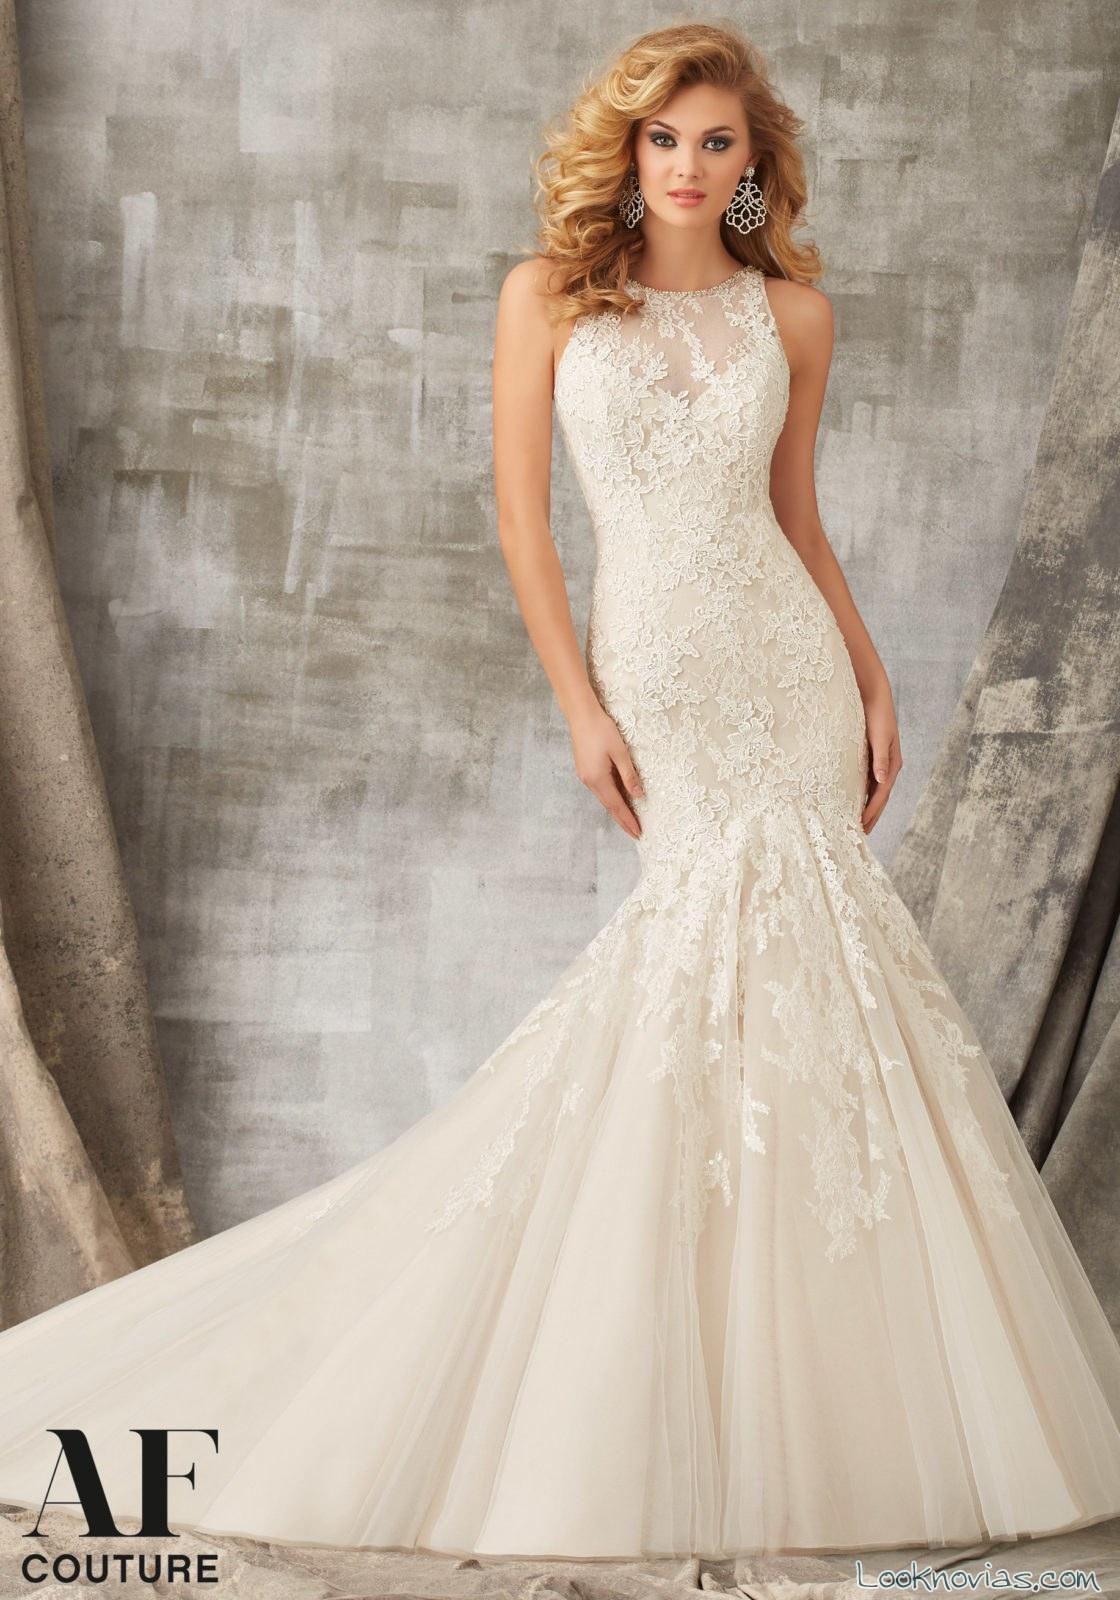 vestido novias mori lee AF en color blanco